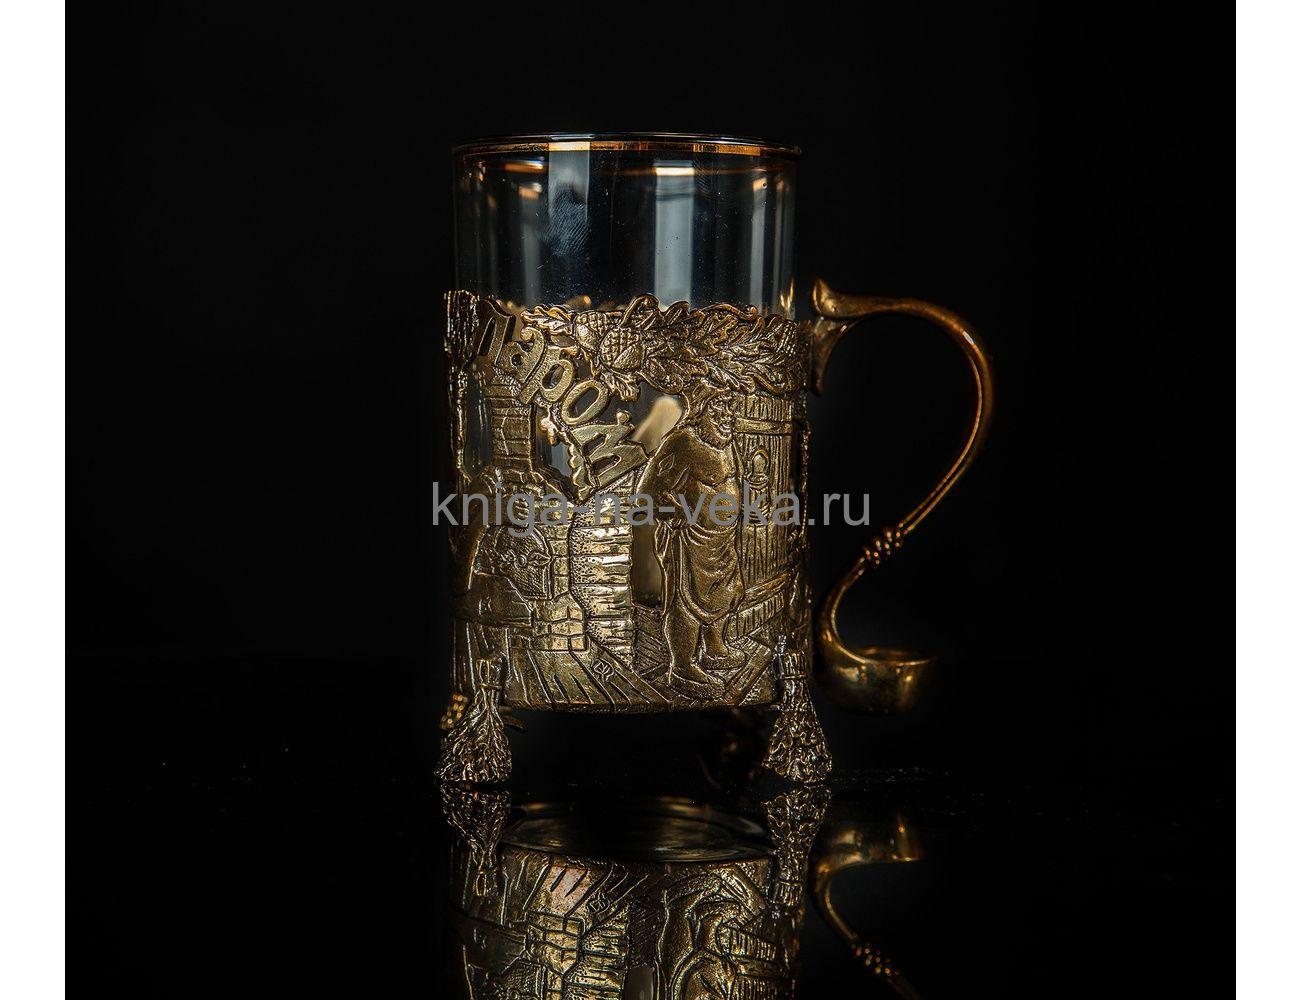 Подарочный набор «Баня»: книга с тиснением, подстаканник и медаль